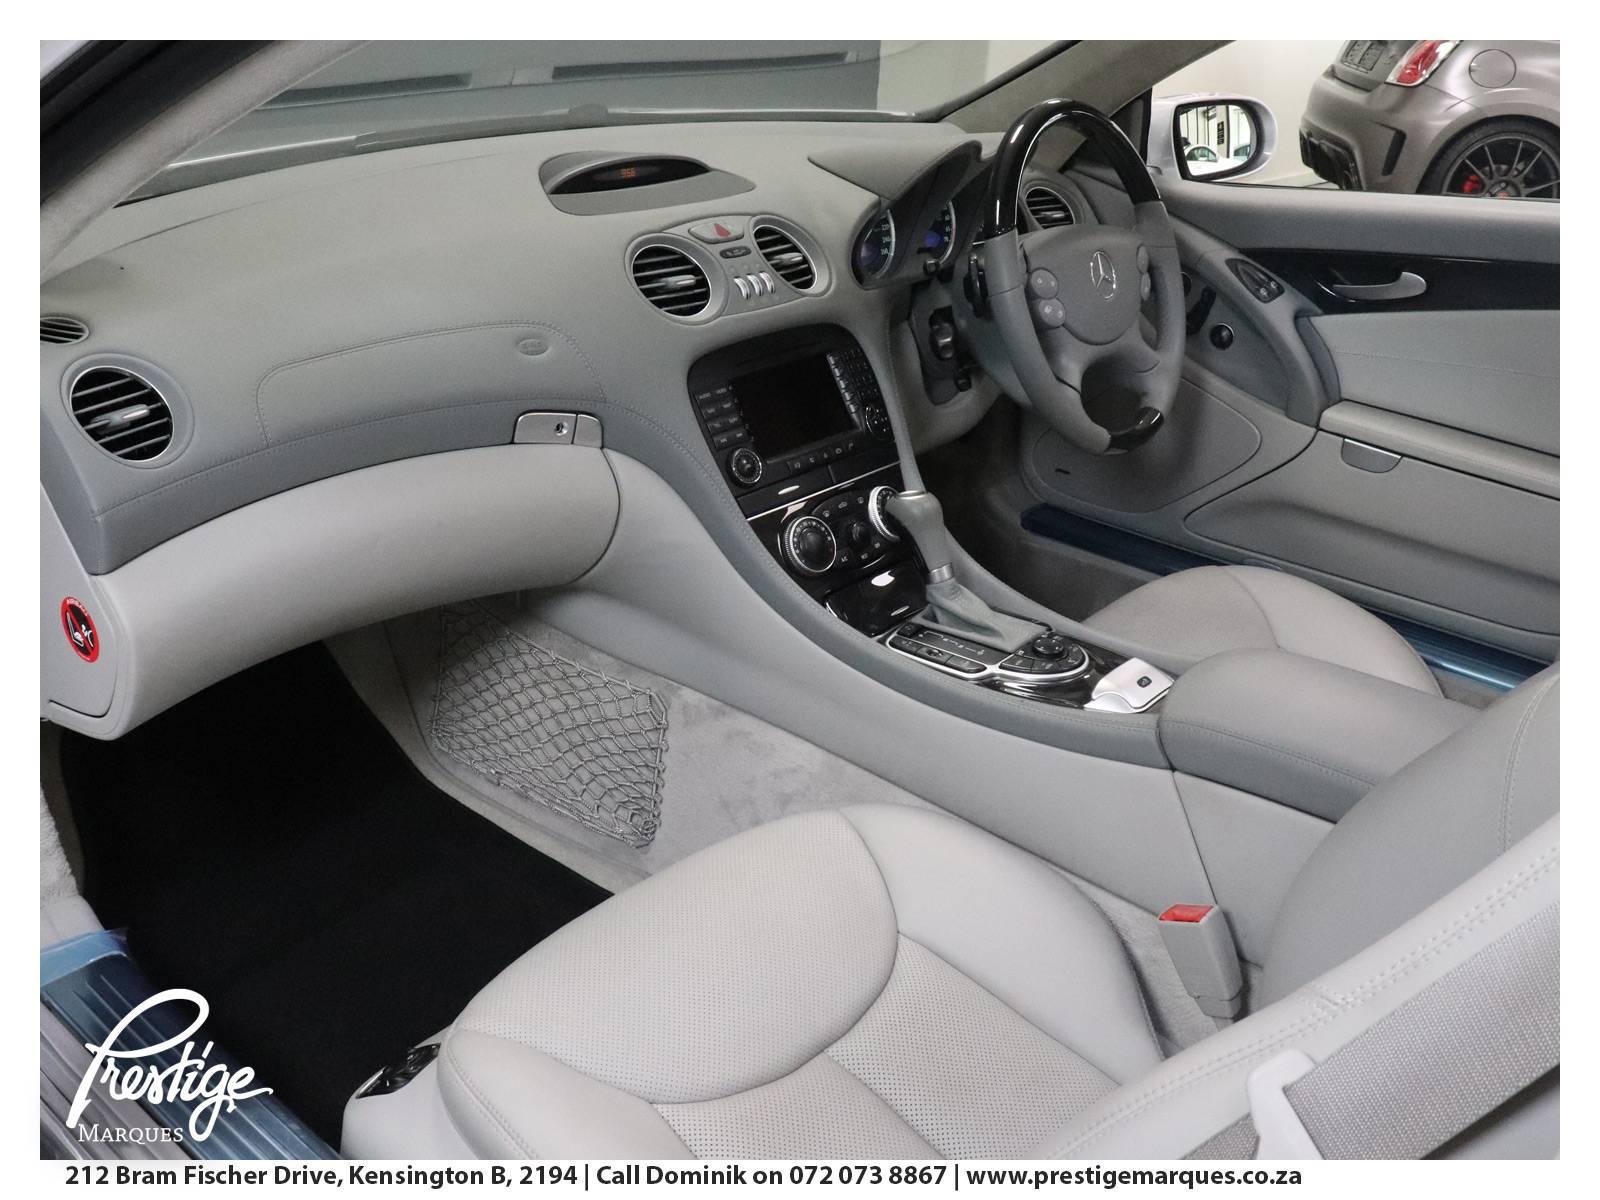 2007-Mercedes-benz-sl500-203-facelift-Prestige-Marques-Randburg-Sandton-17